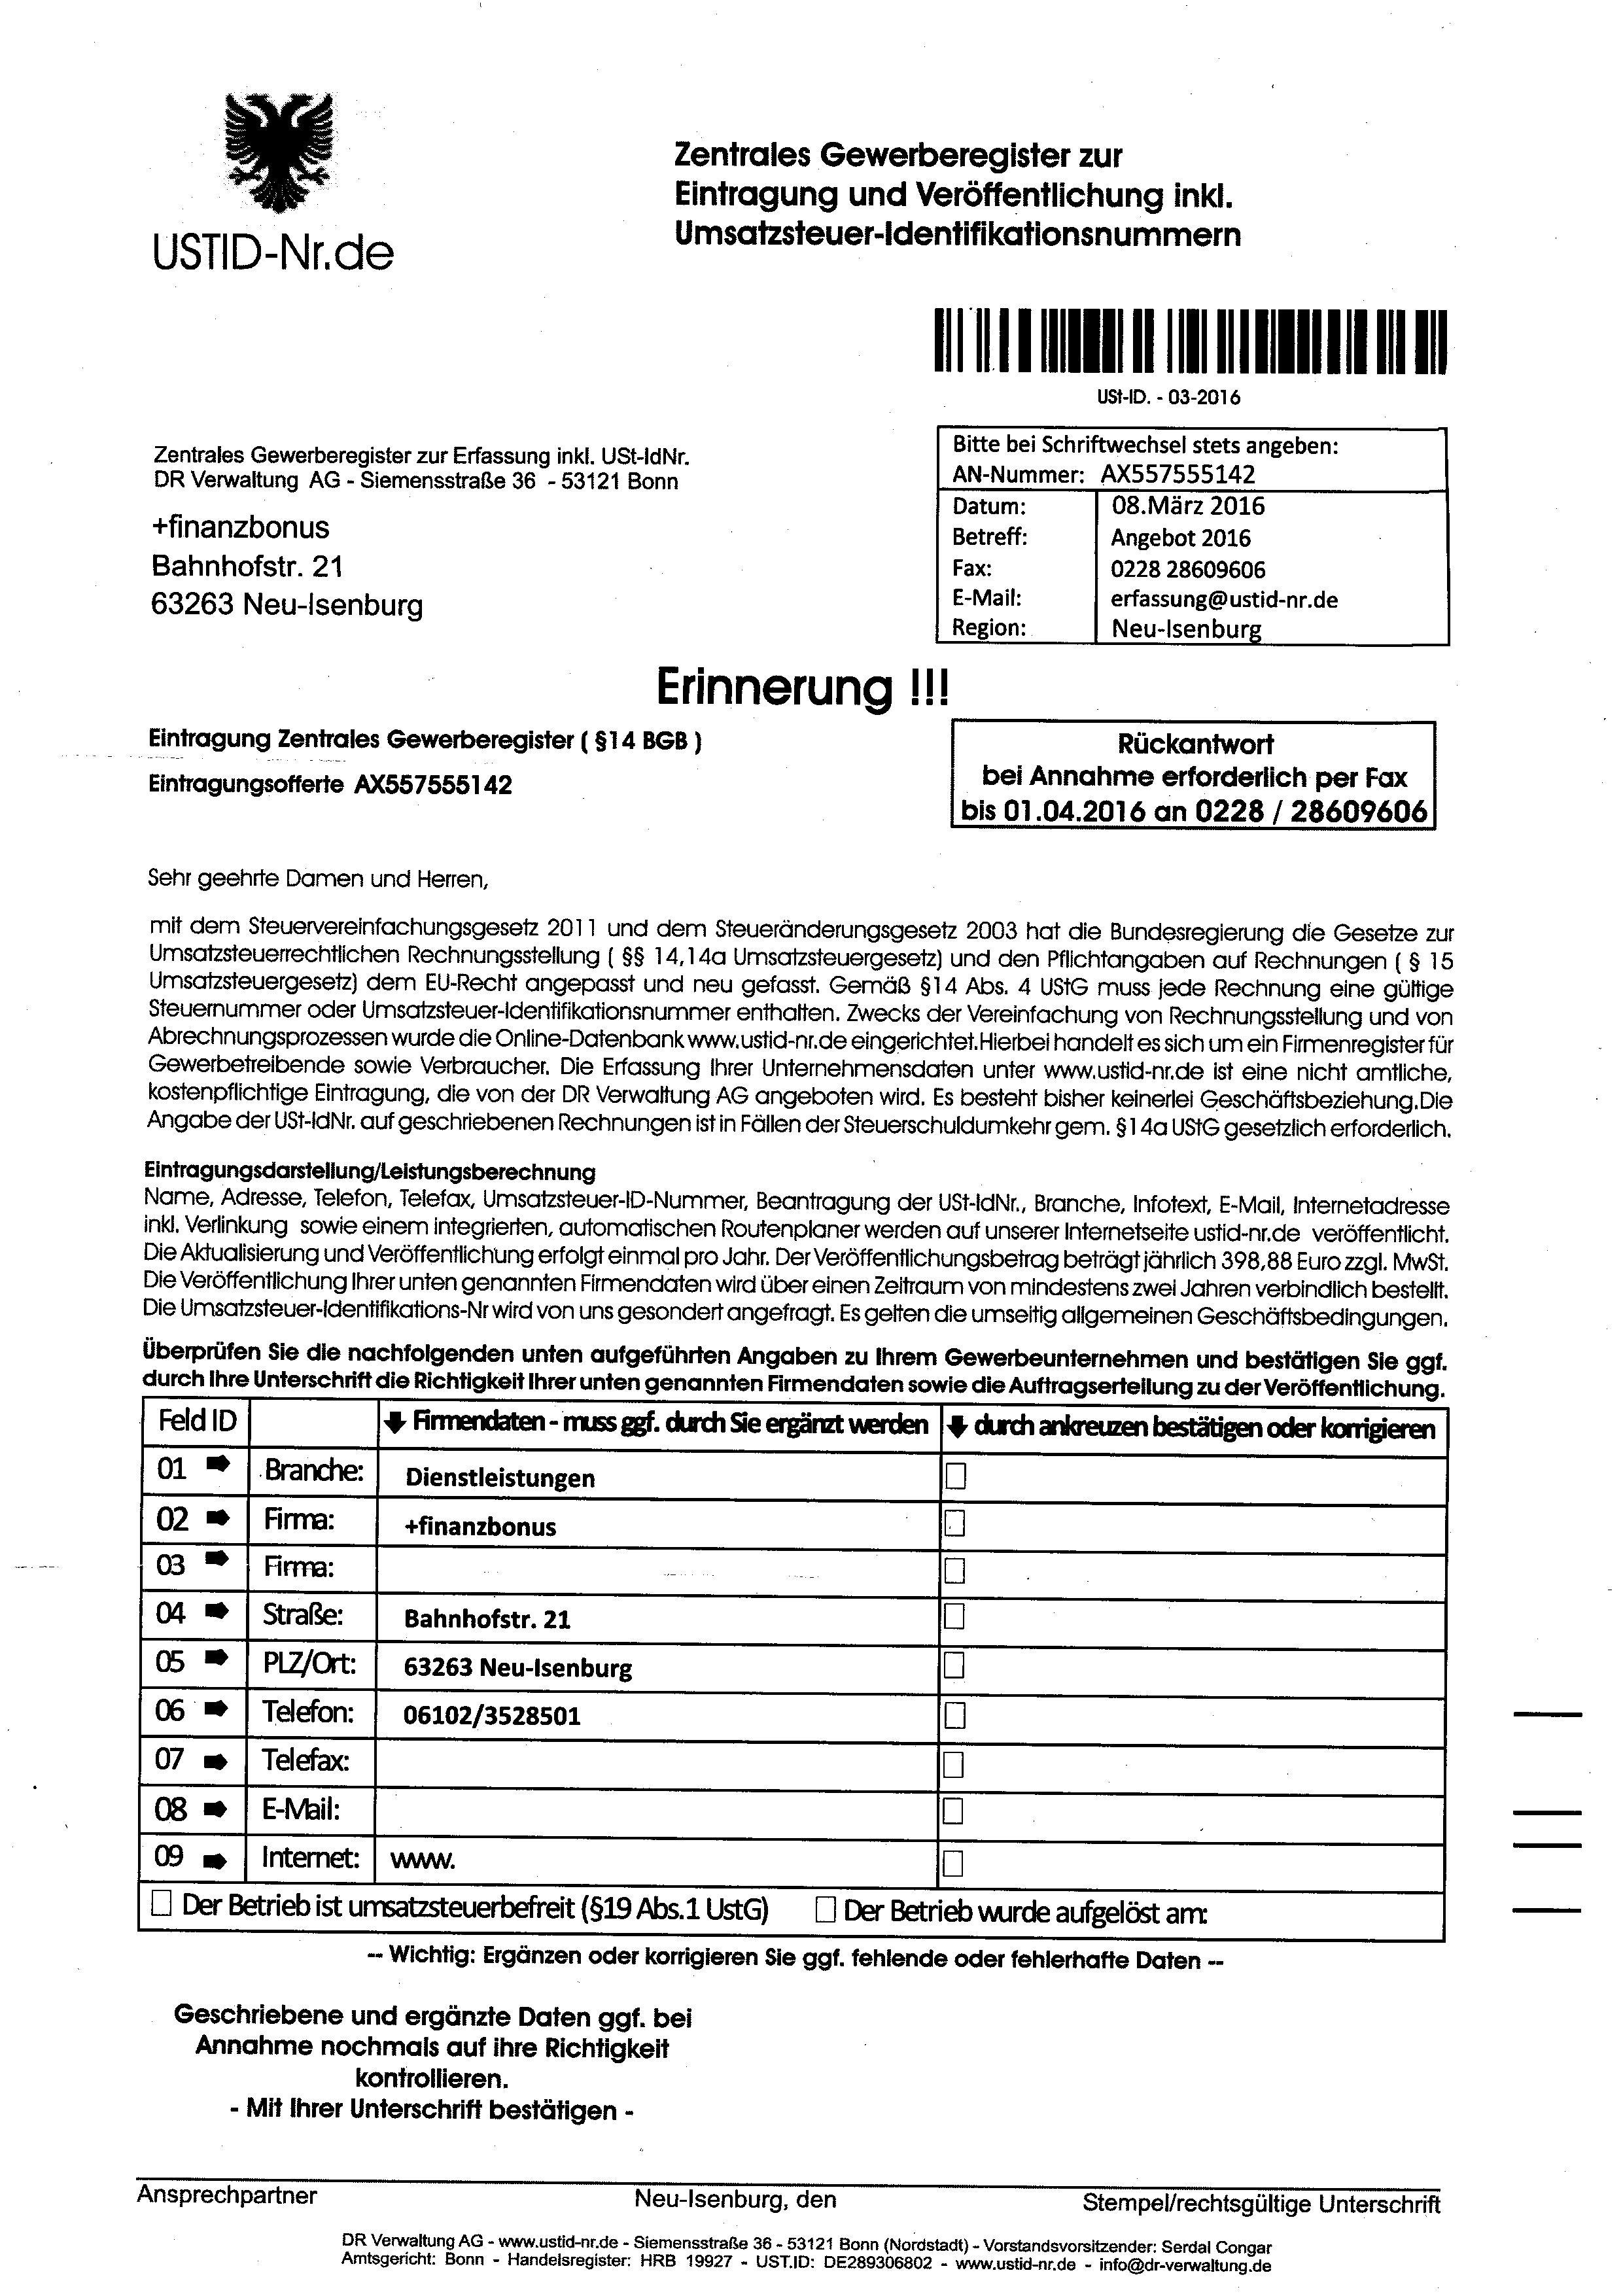 USTID-NR.de Erinnerung2